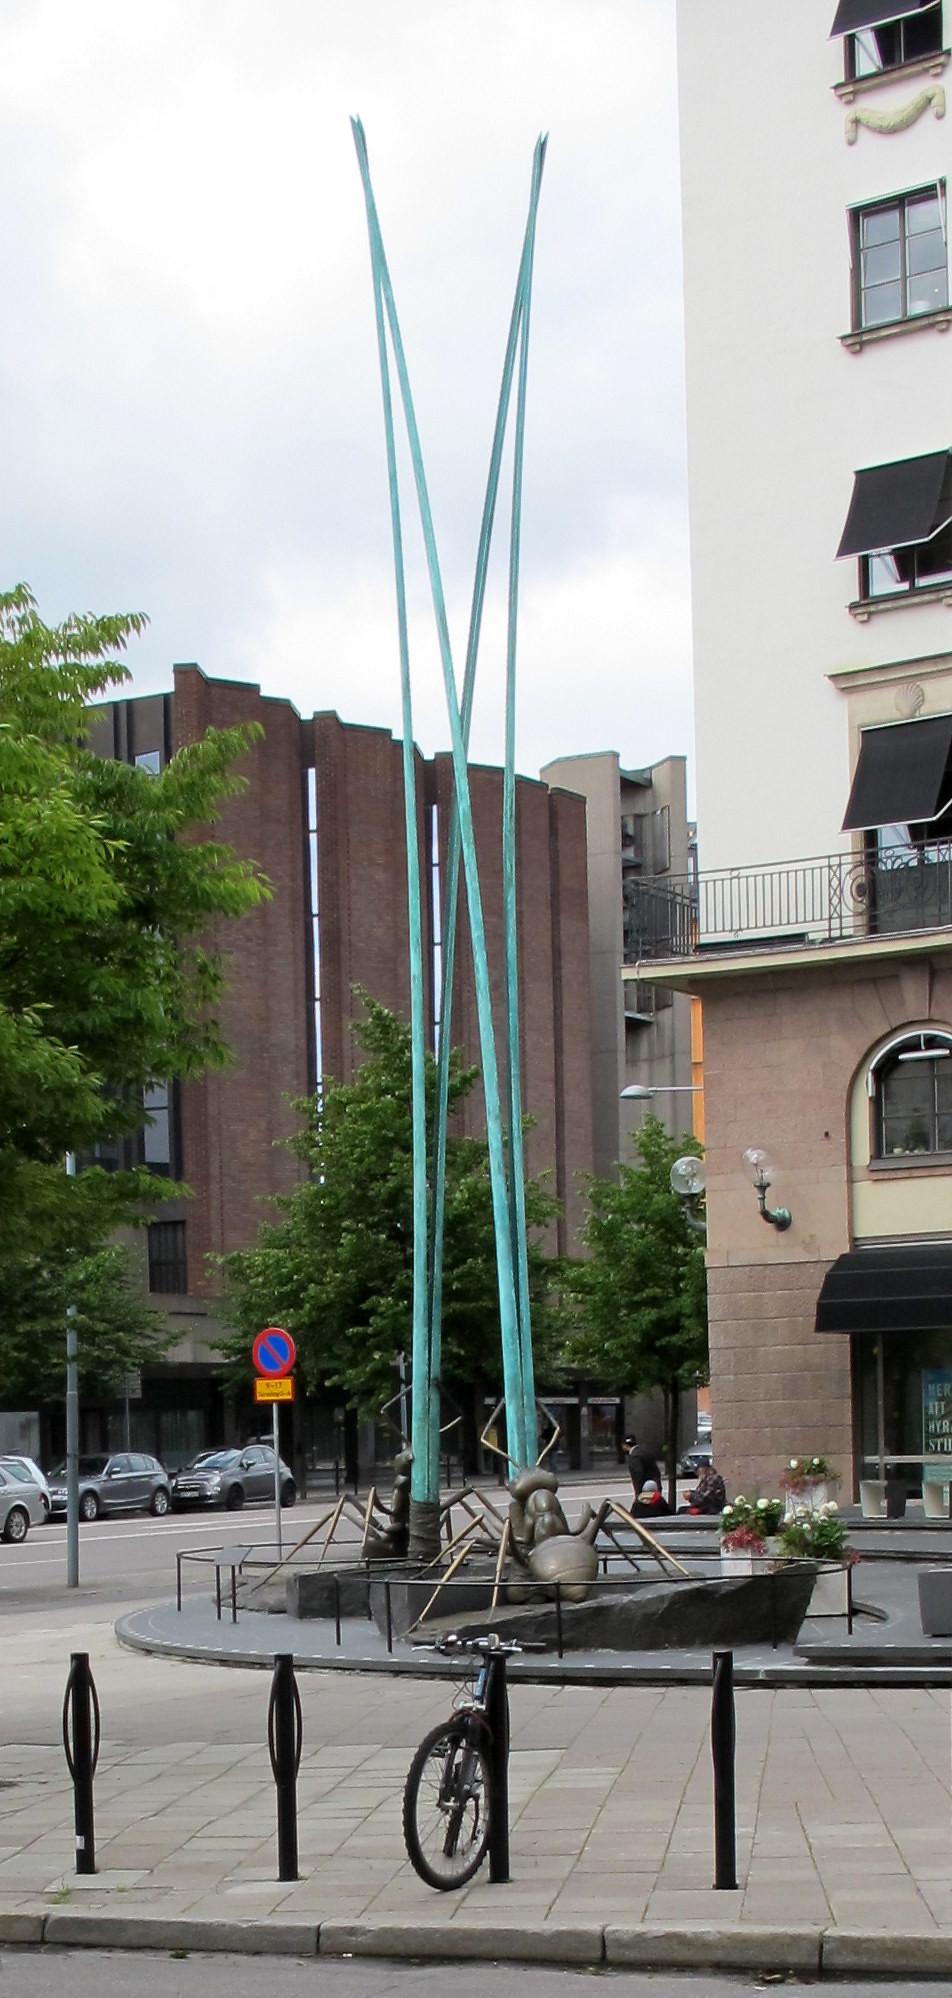 Hormigas gigantes Estocolmo